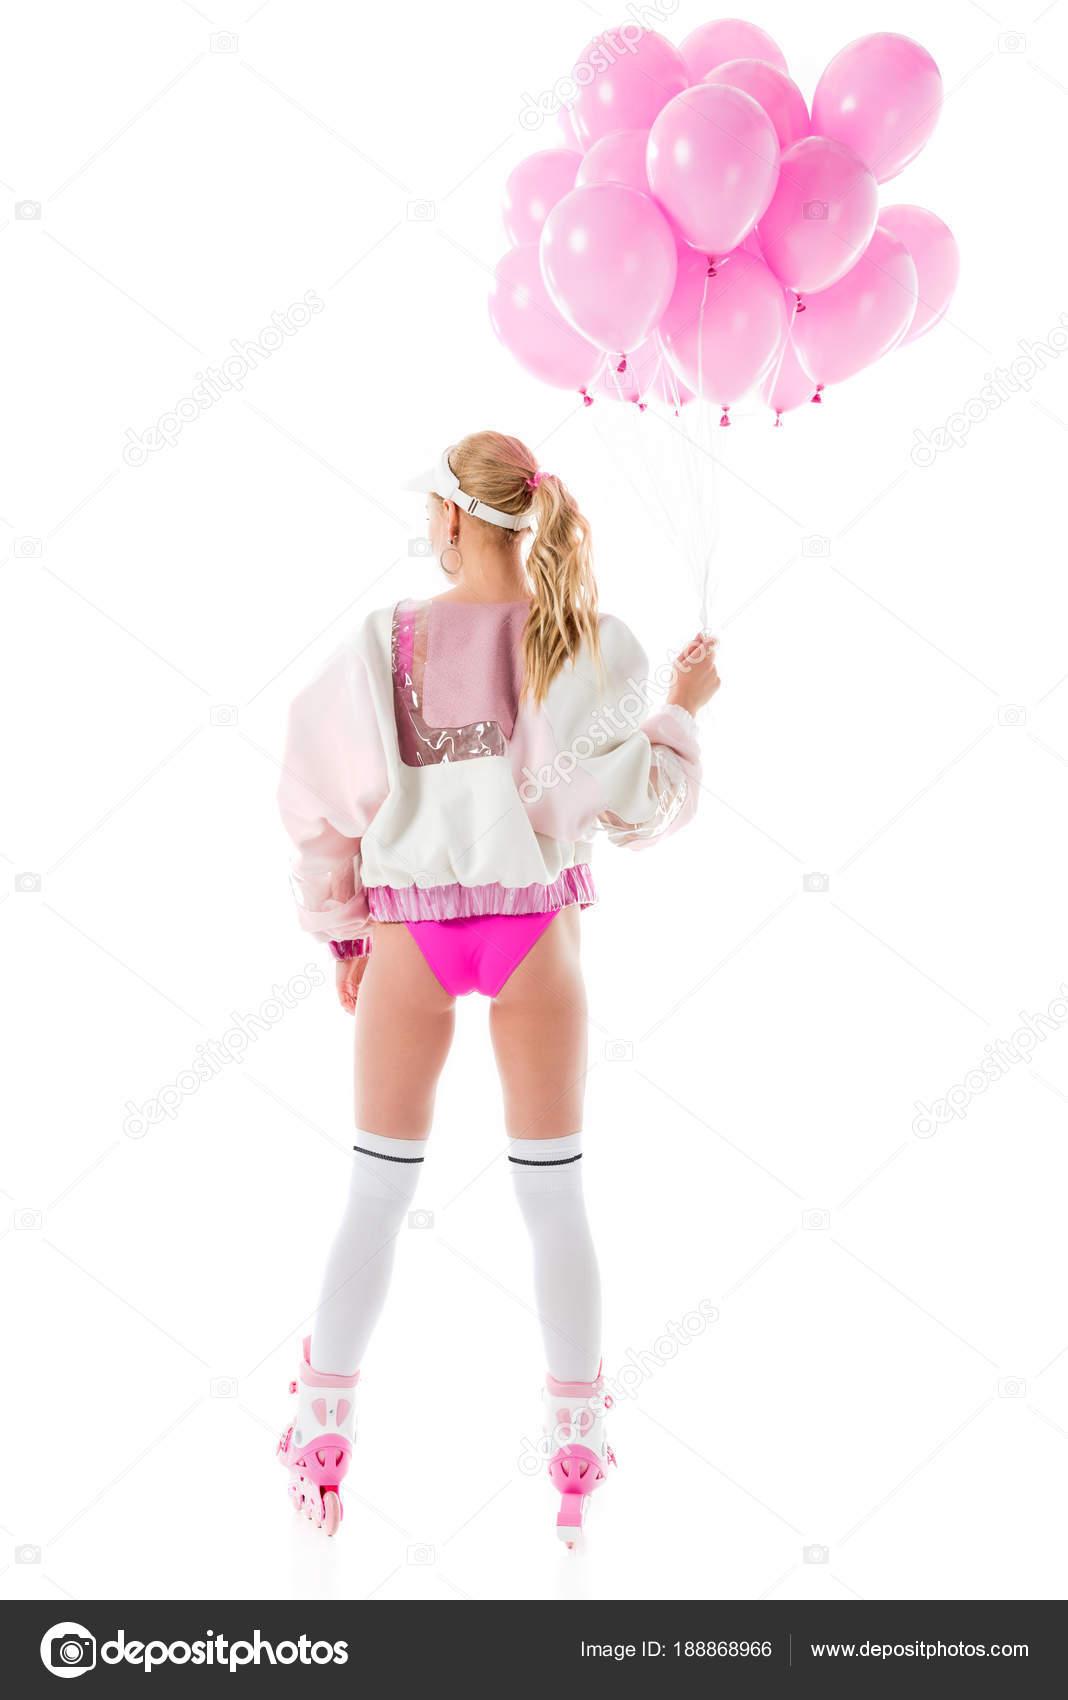 e36a83a07 Atractivo joven en patines rosa con globos aislados en blanco– imagen de  stock